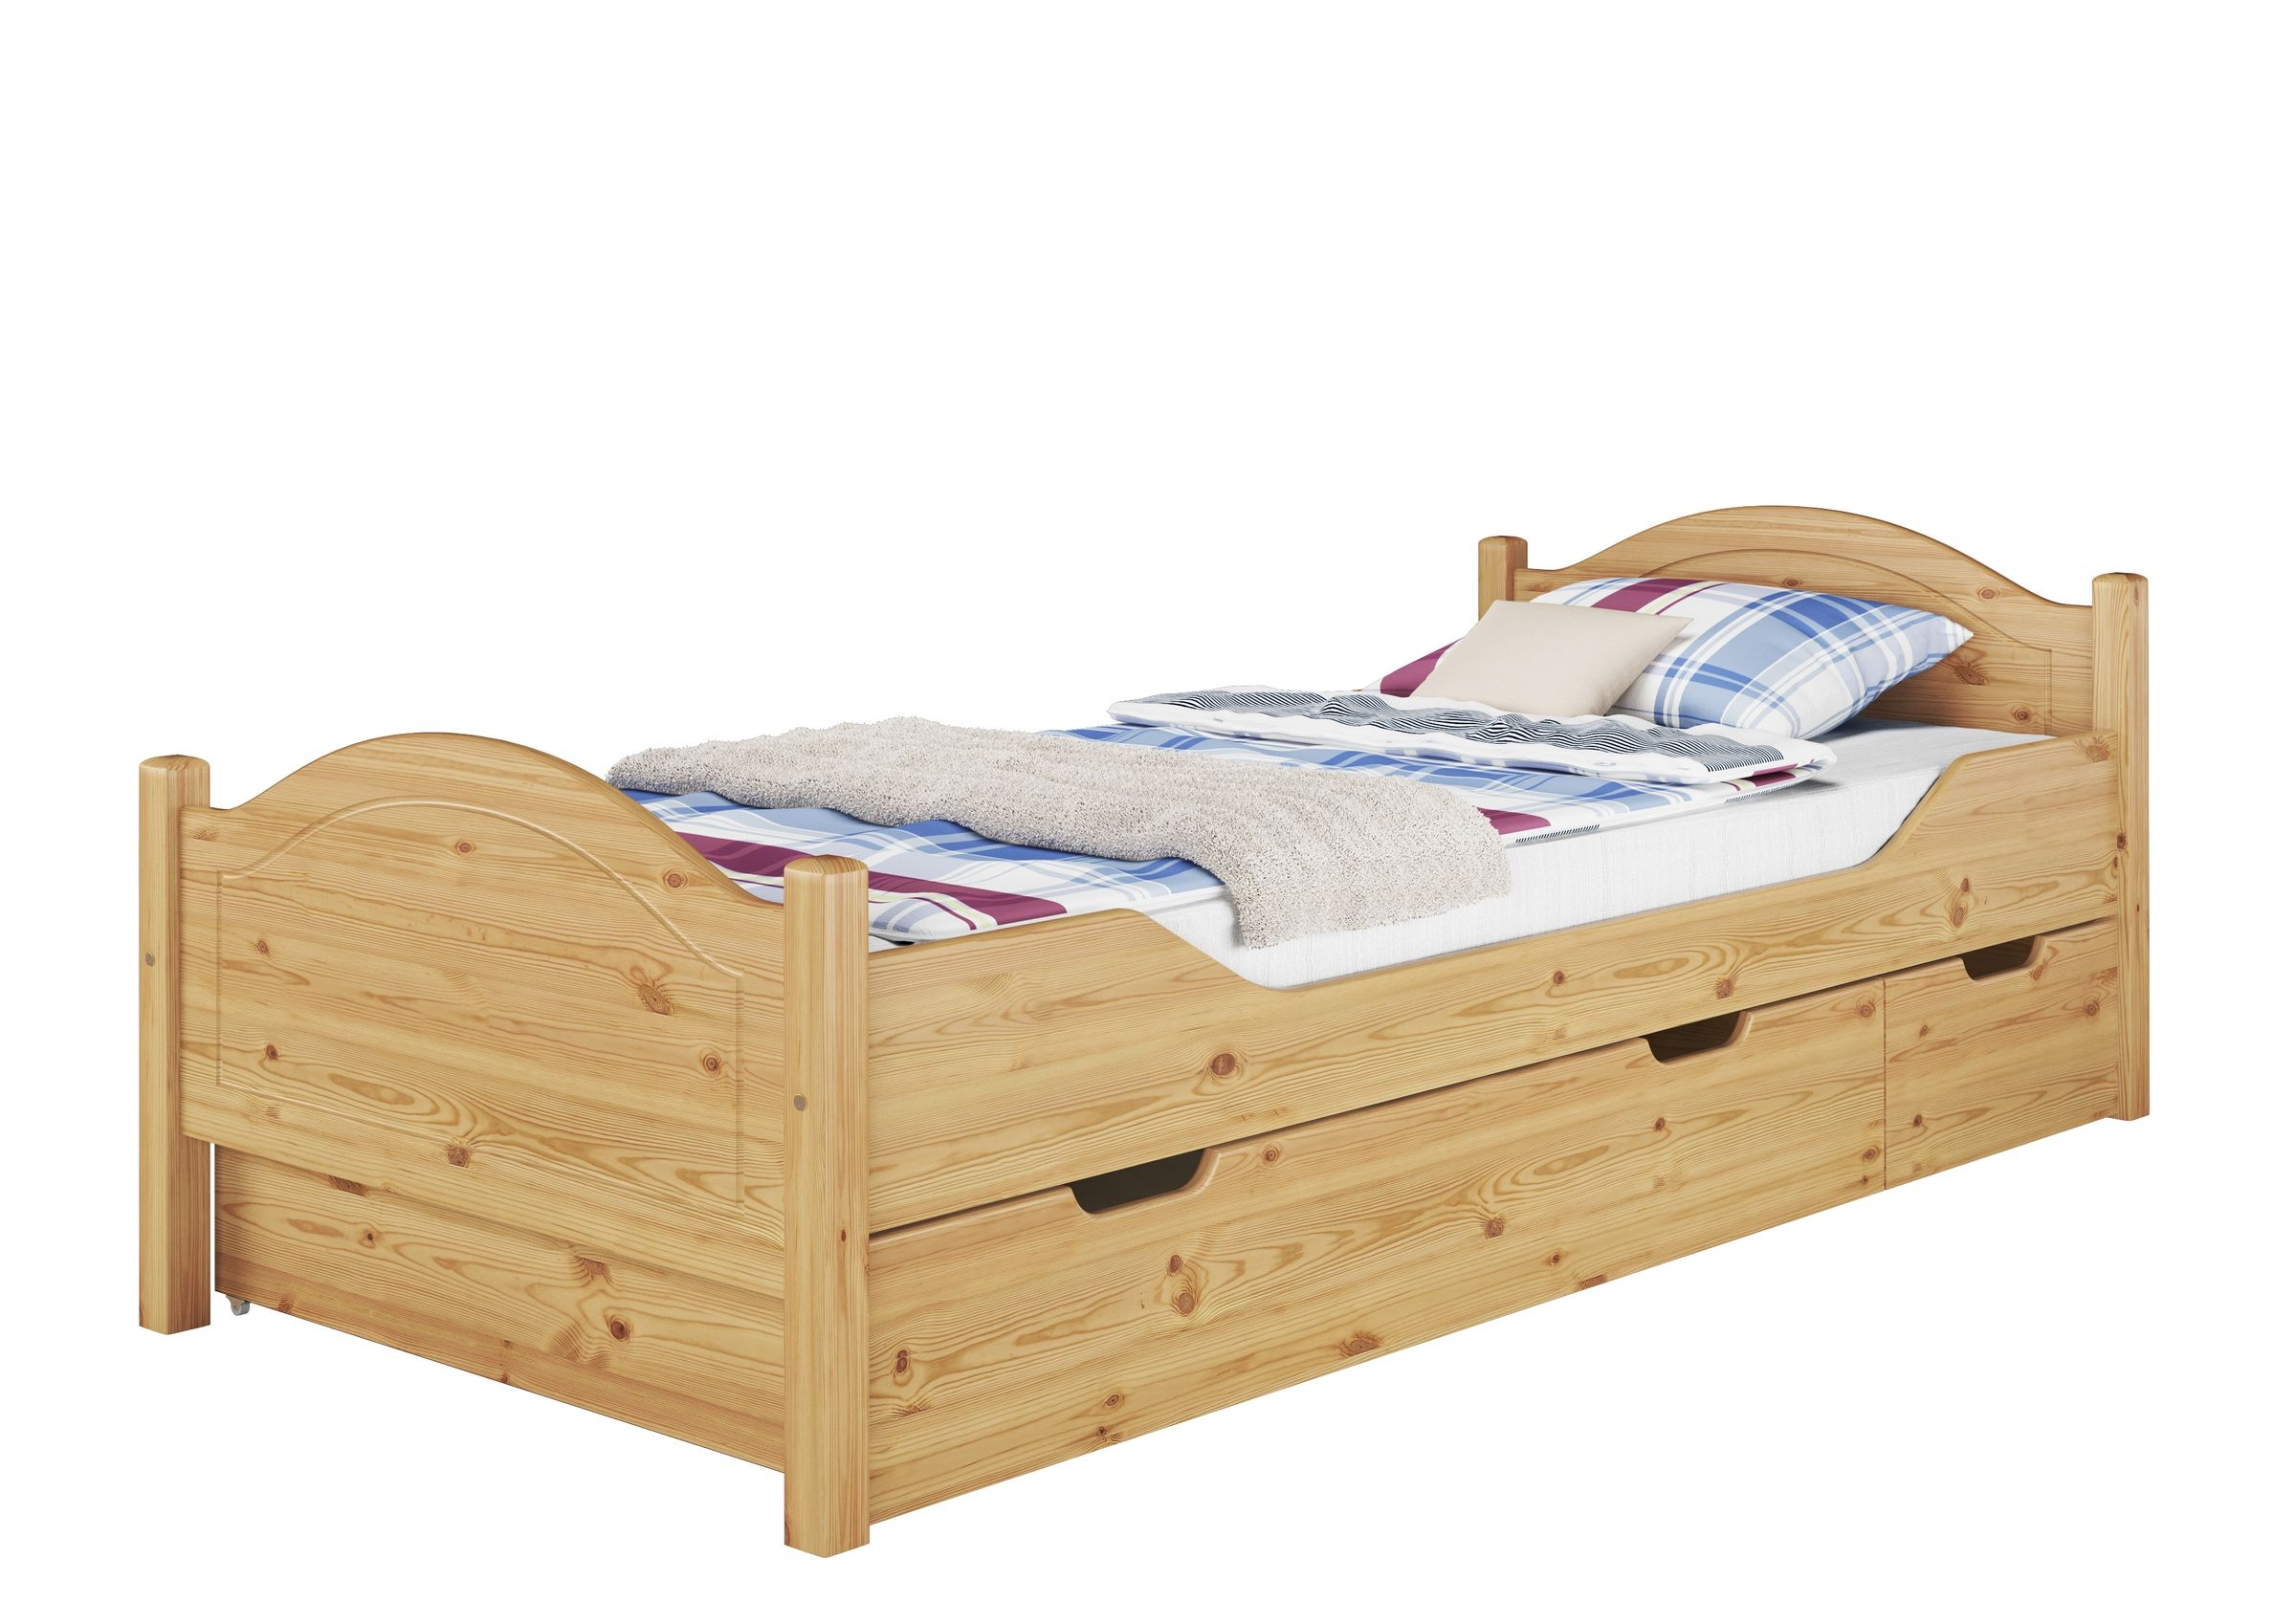 Full Size of Betten 100x200 Massivholz Bett Kiefer Natur Einzelbett Rollrost Matratze Trends Bock Luxus De Billige Jabo Kinder überlänge 200x220 Landhausstil Somnus Bett Betten 100x200